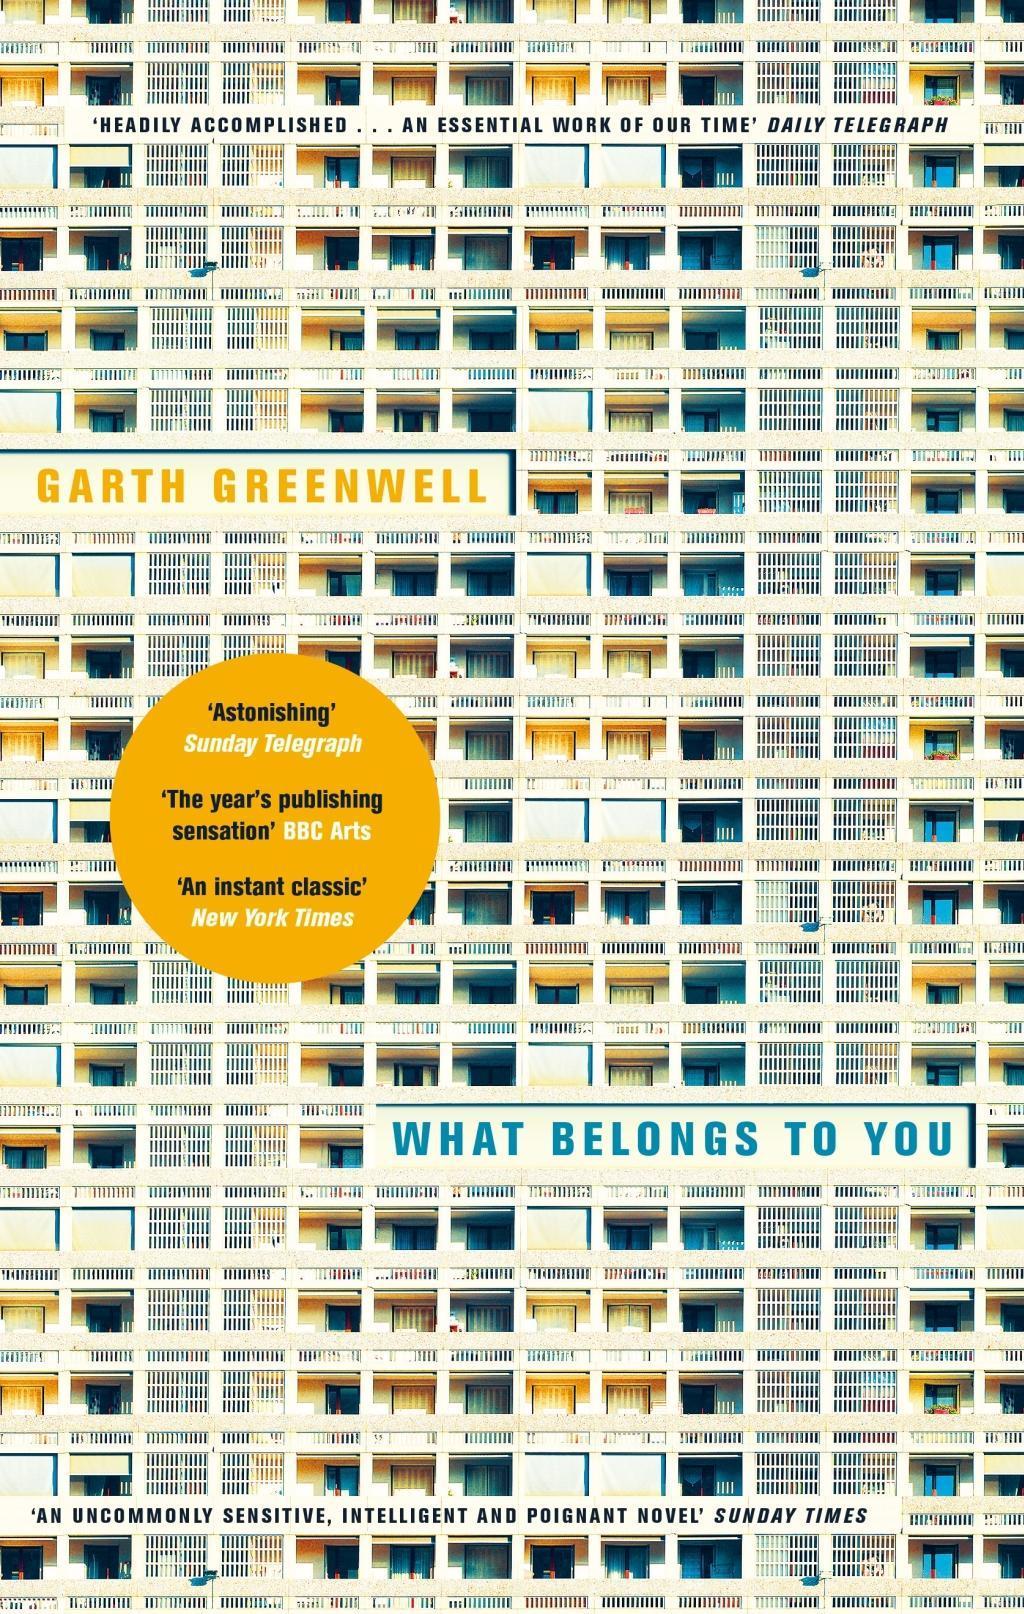 What-Belongs-to-You-Garth-Greenwell